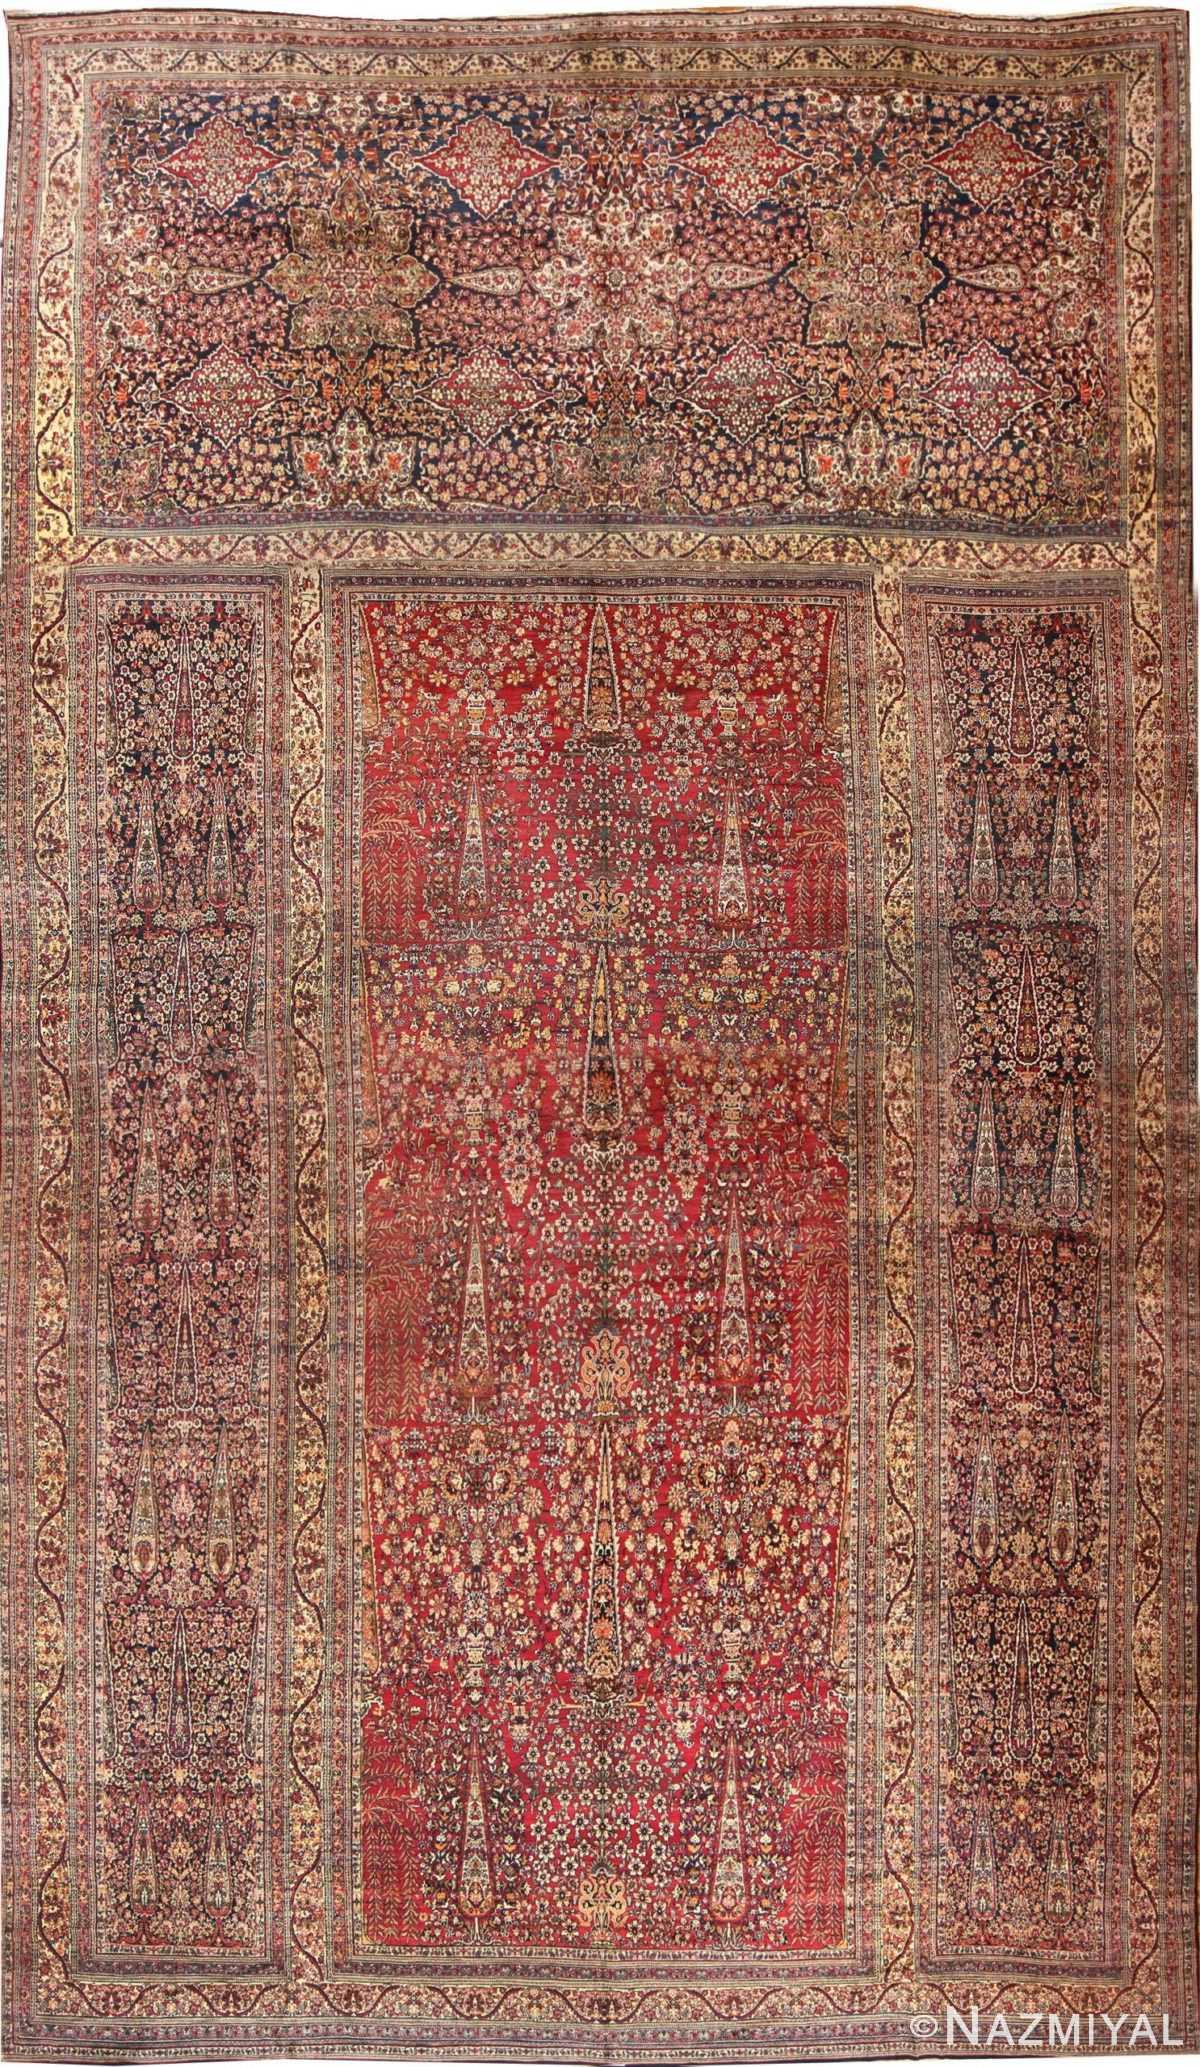 Antique Oversized Persian Kerman Carpet 48210 Nazmiyal